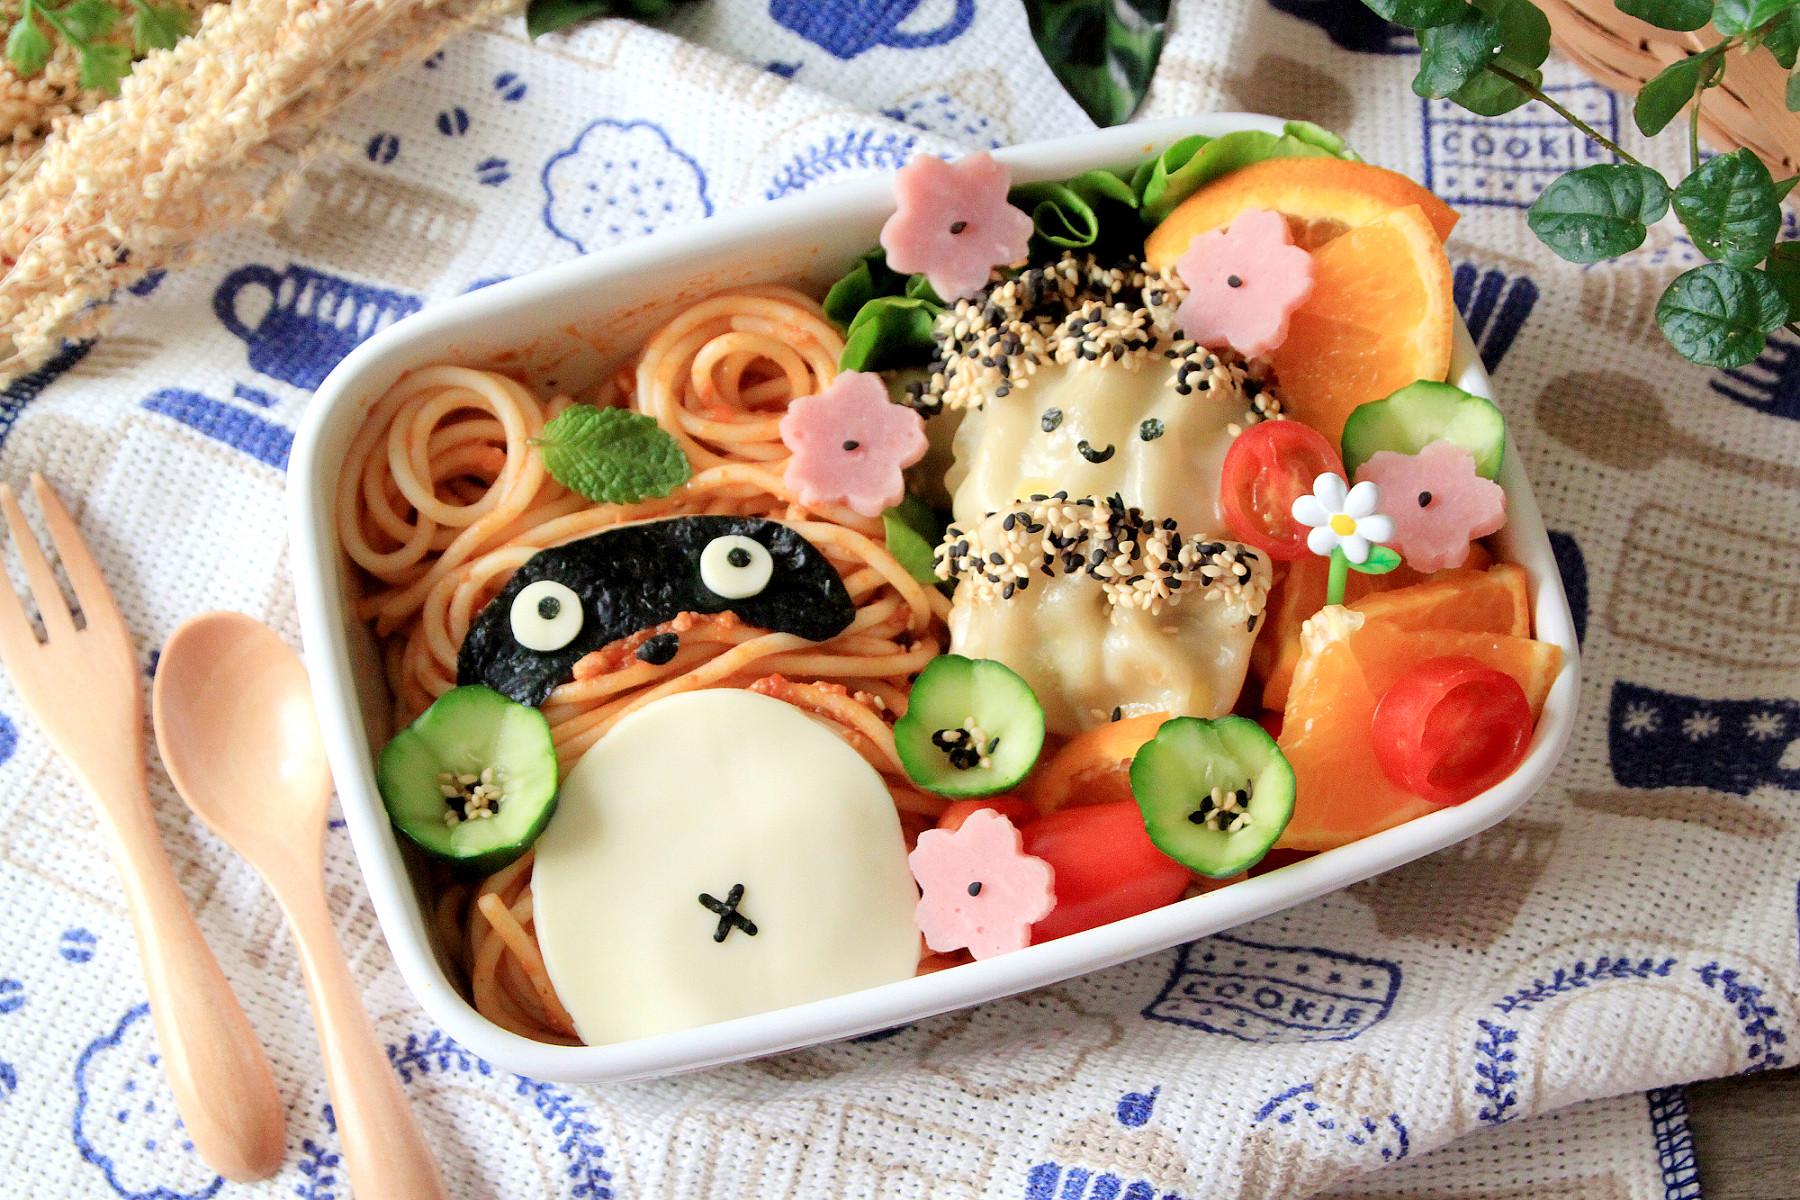 餃子義大利麵野餐盒【全聯24節氣料理 】